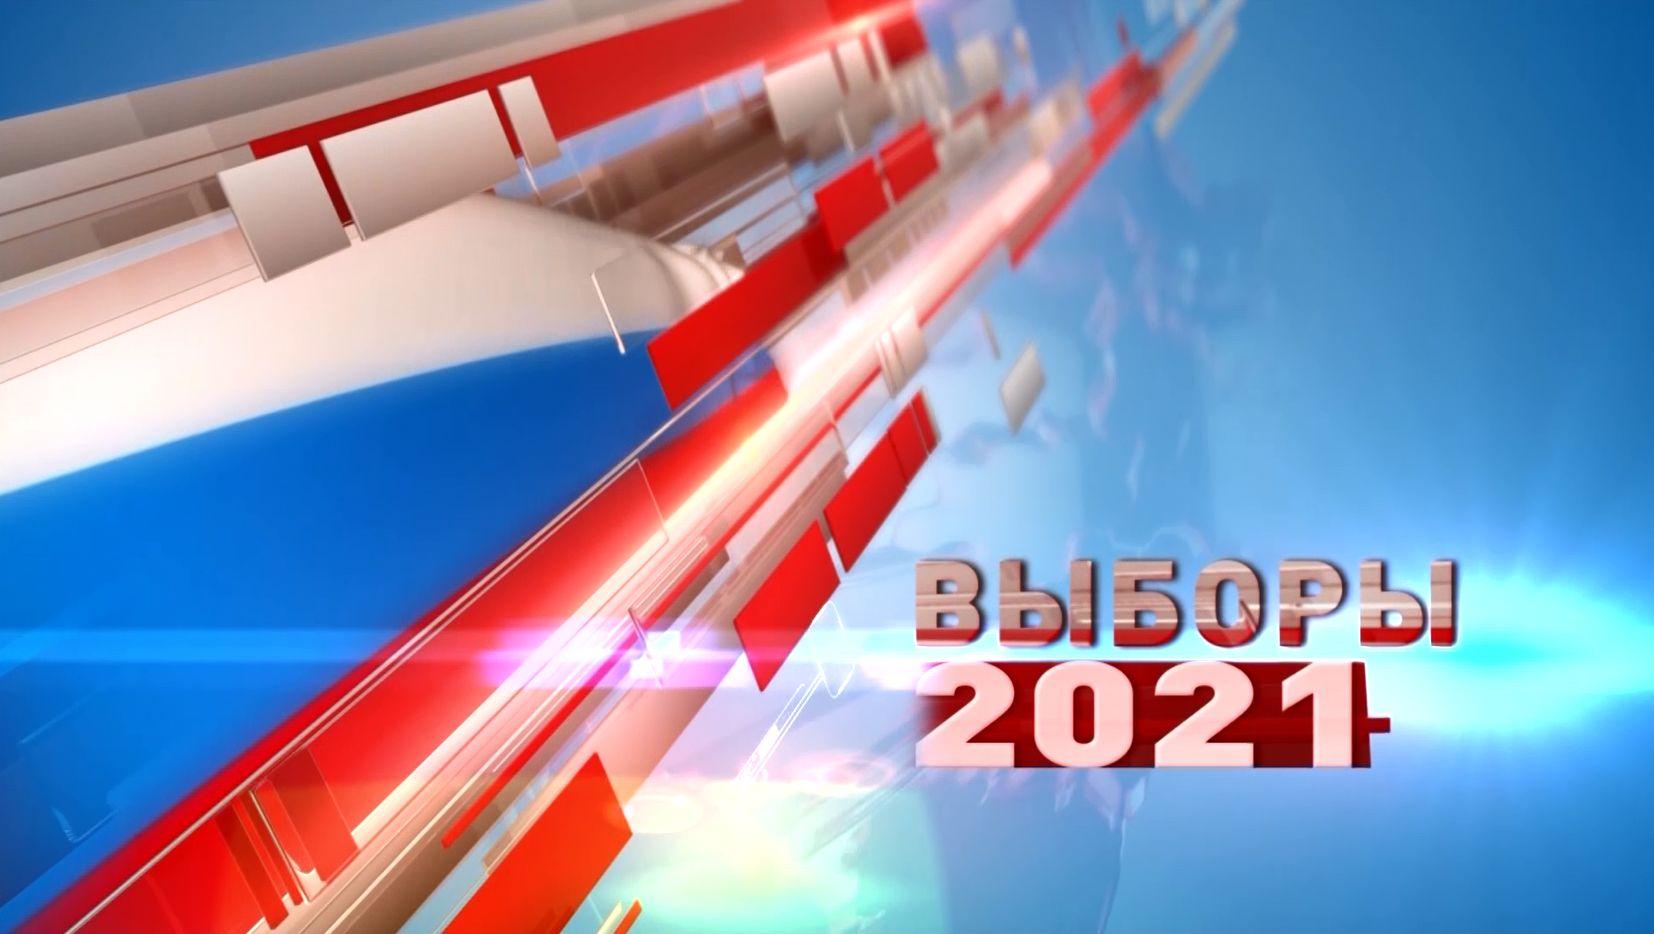 Информация для кандидатов, участвующих в выборах депутатов Государственной Думы восьмого созыва